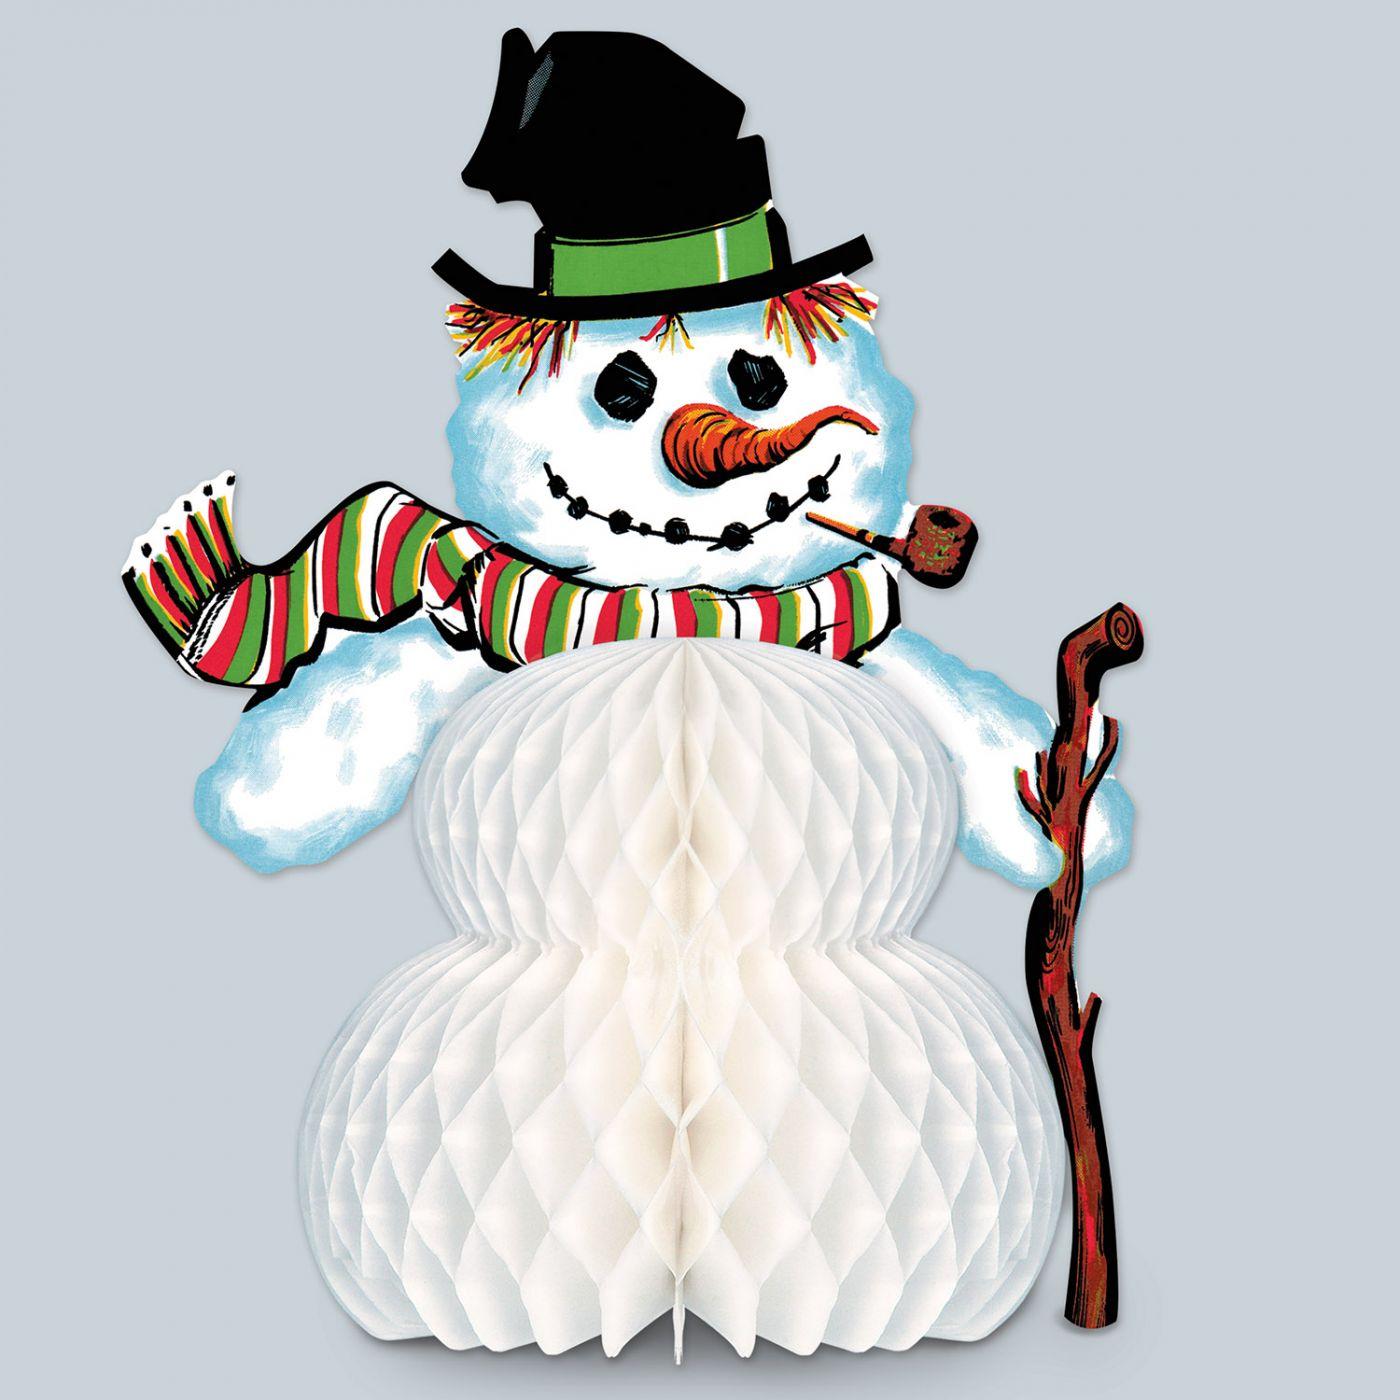 Vintage Christmas Snowman Centerpiece image